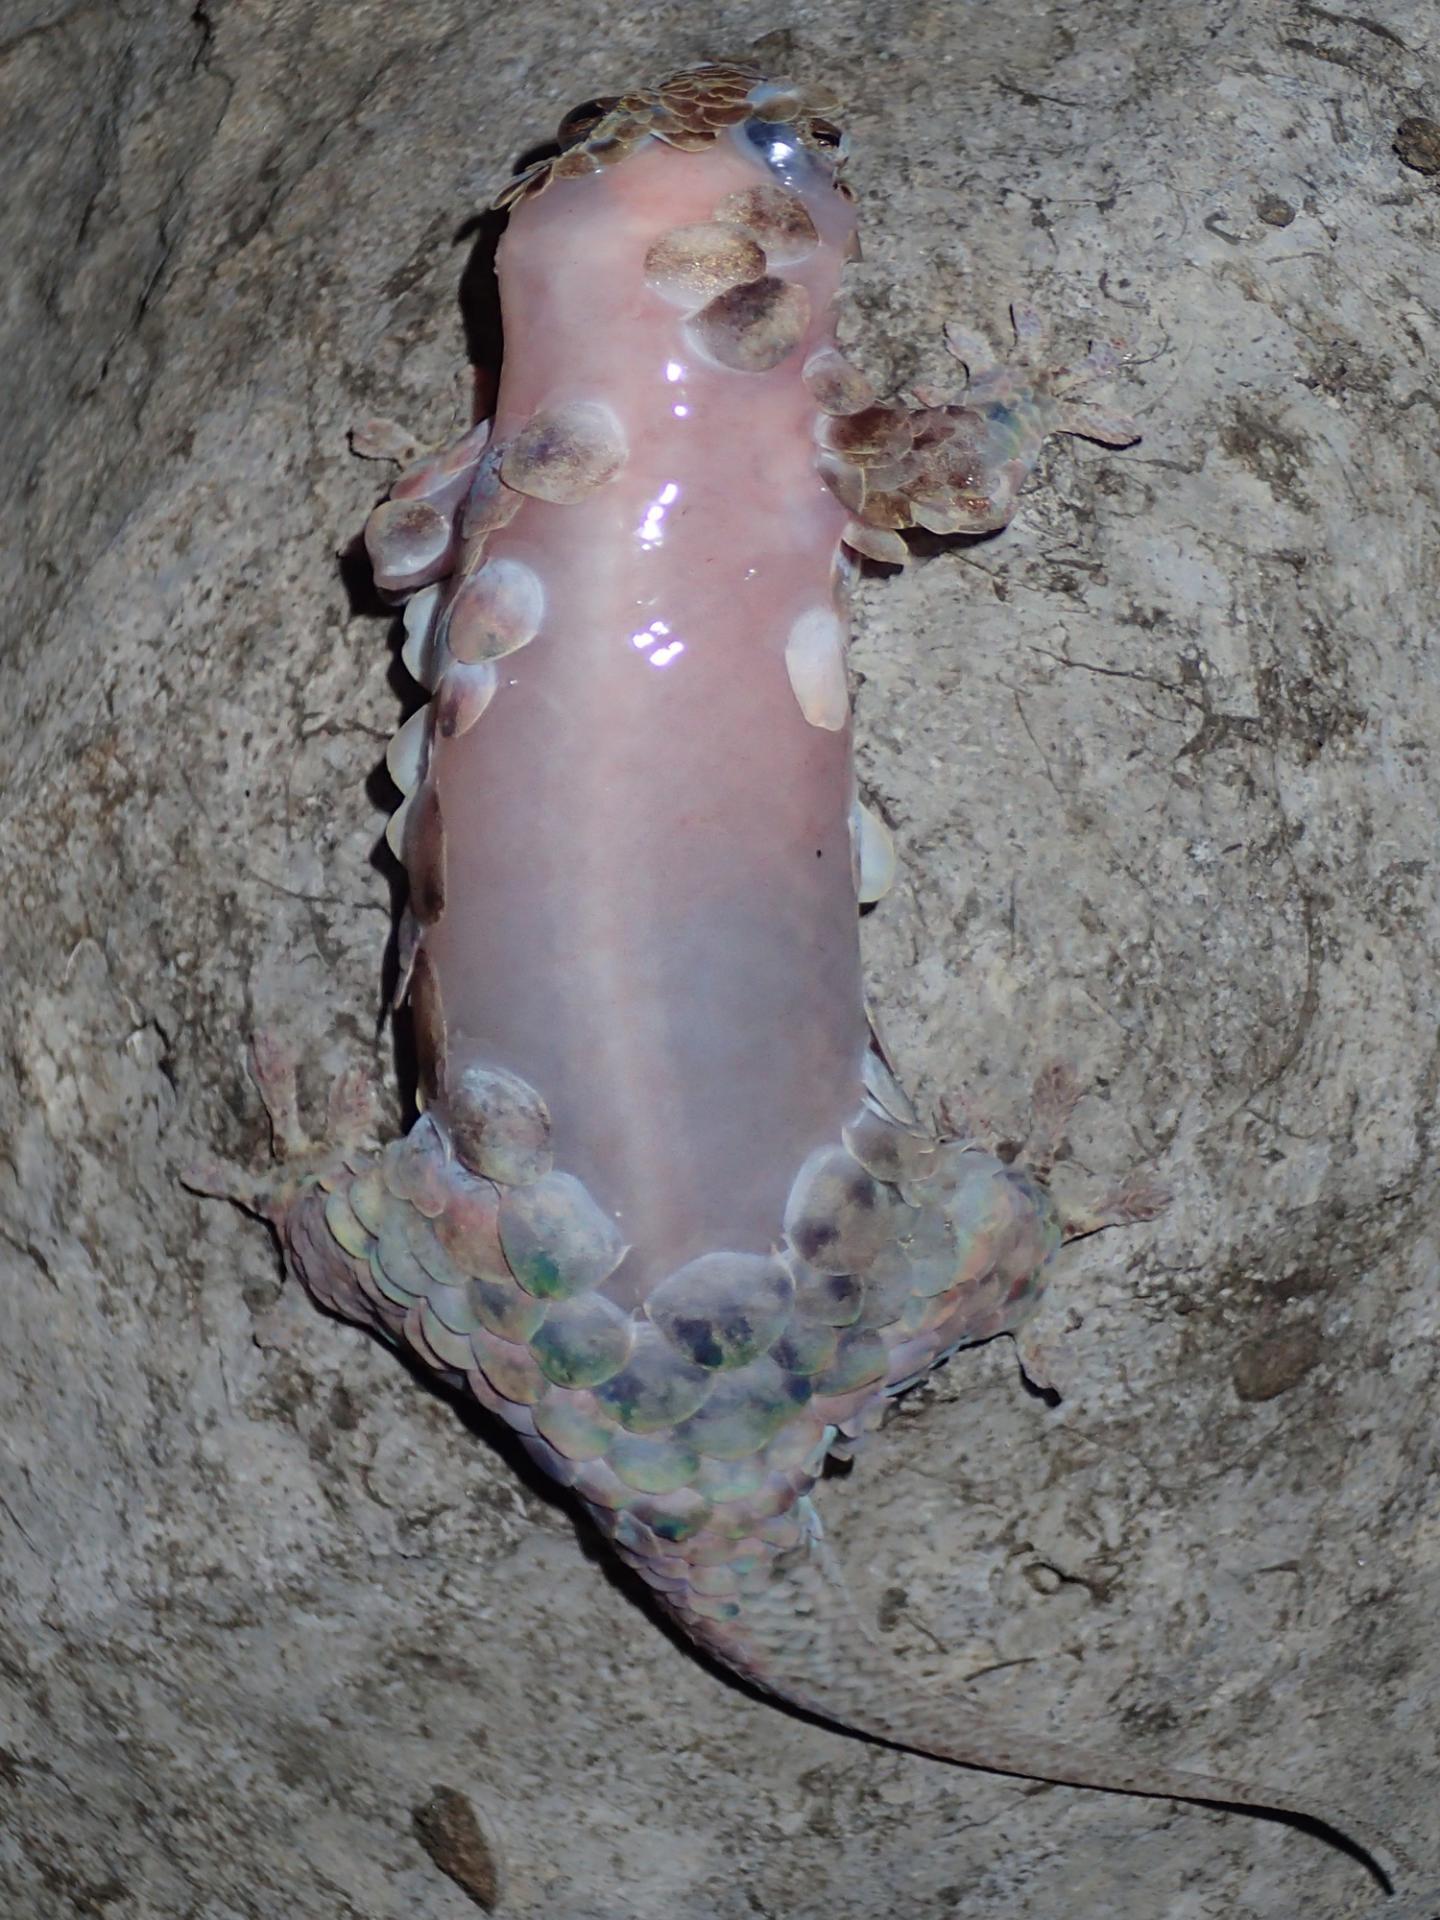 Denuded <i>Geckolepis megalepis</i>